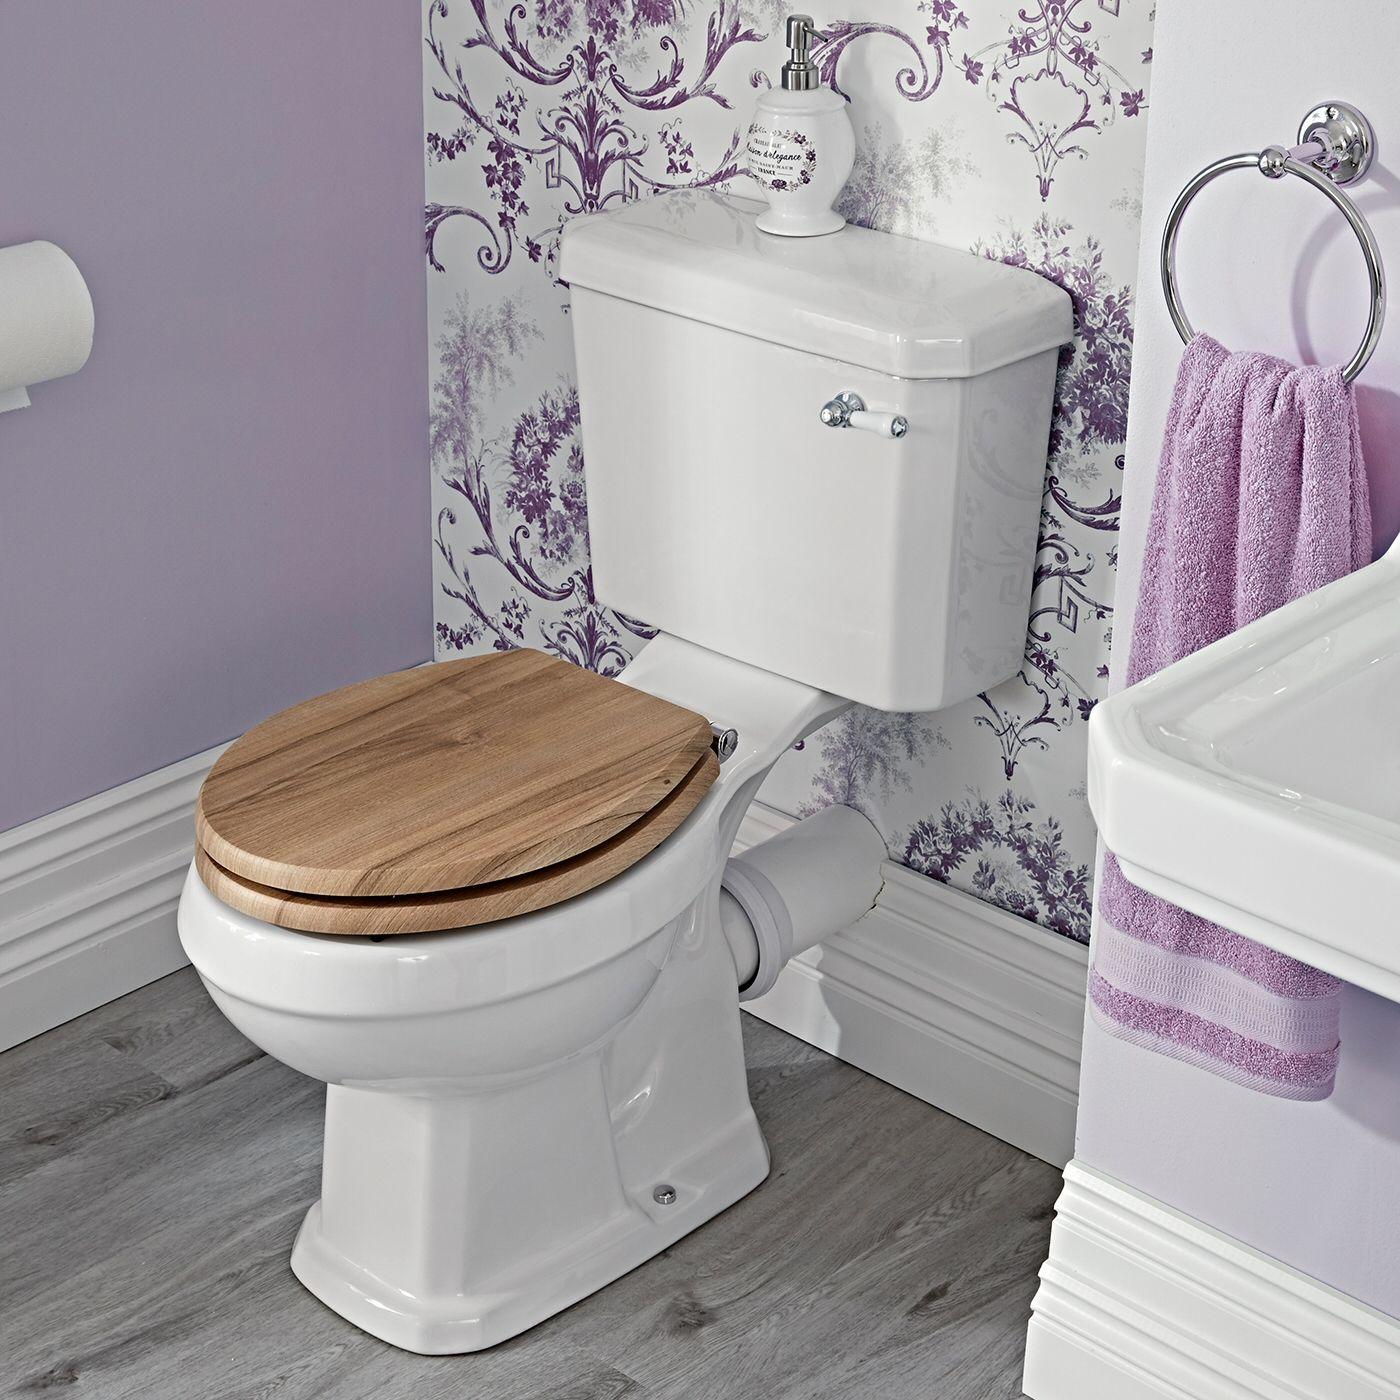 sanitario wc retro completo con cassetta e sedile copriwater. Black Bedroom Furniture Sets. Home Design Ideas